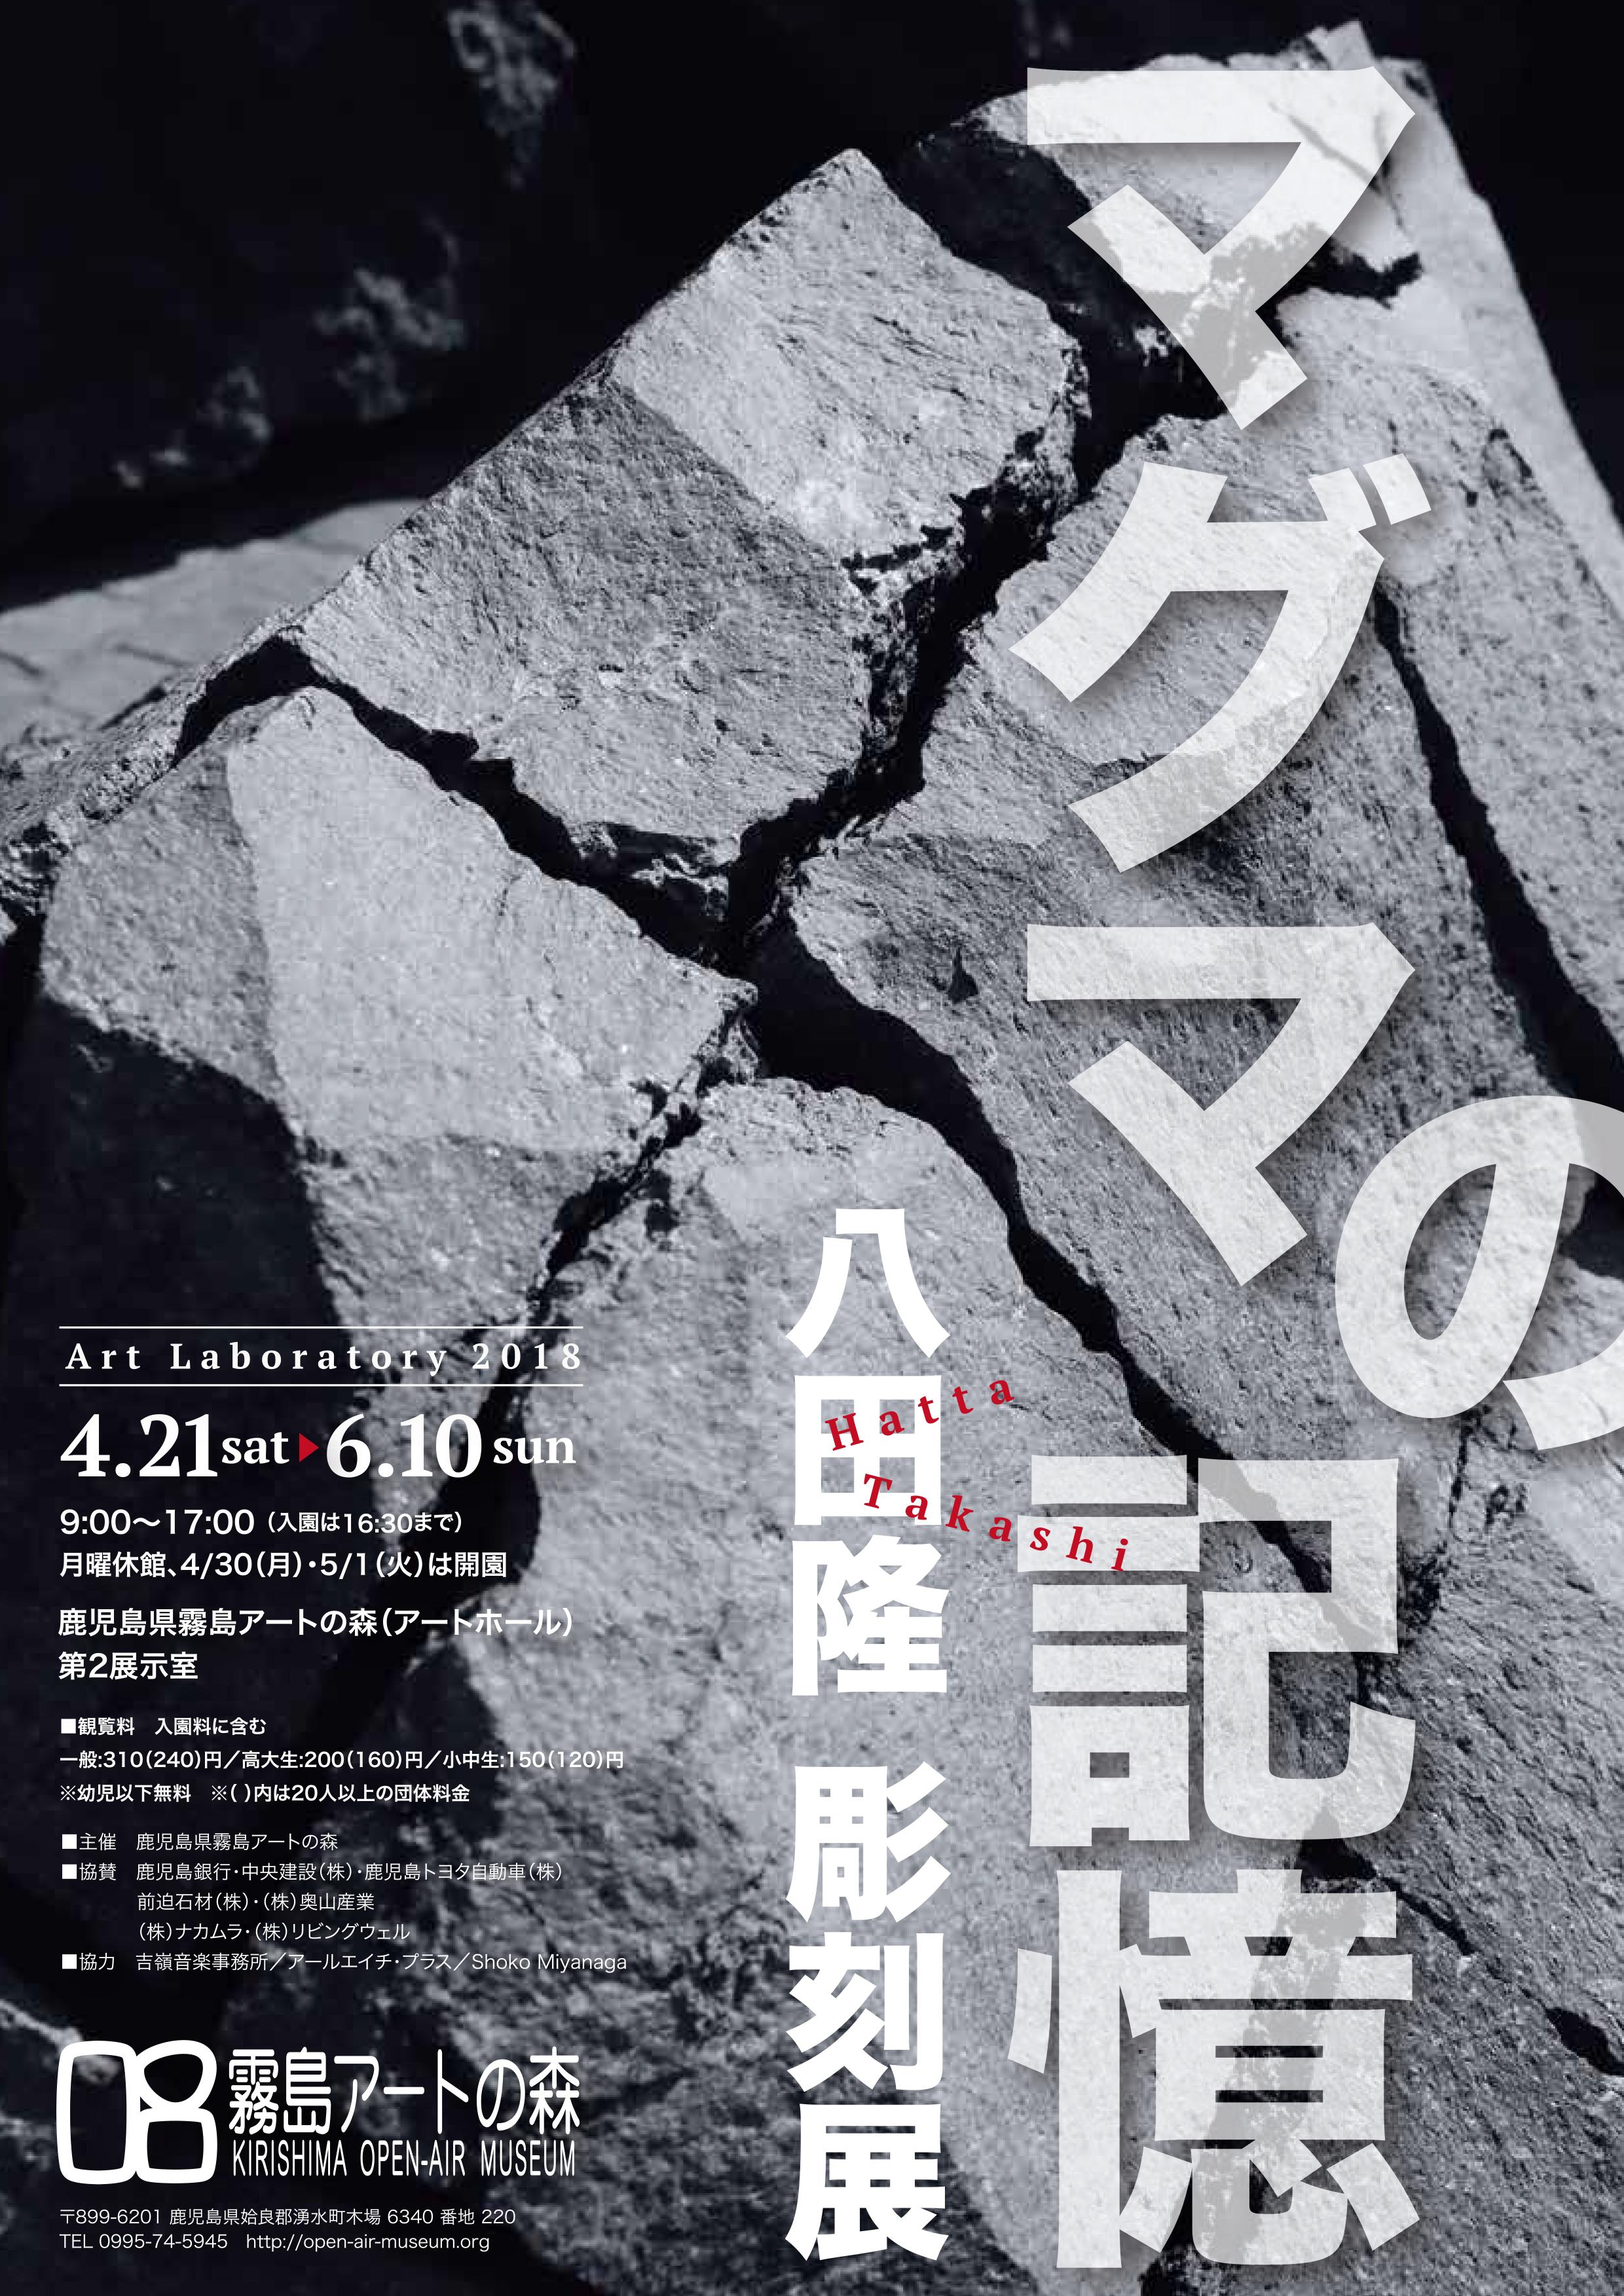 八田隆 彫刻展 ―マグマの記憶― 2018.04.21-2018.06.10